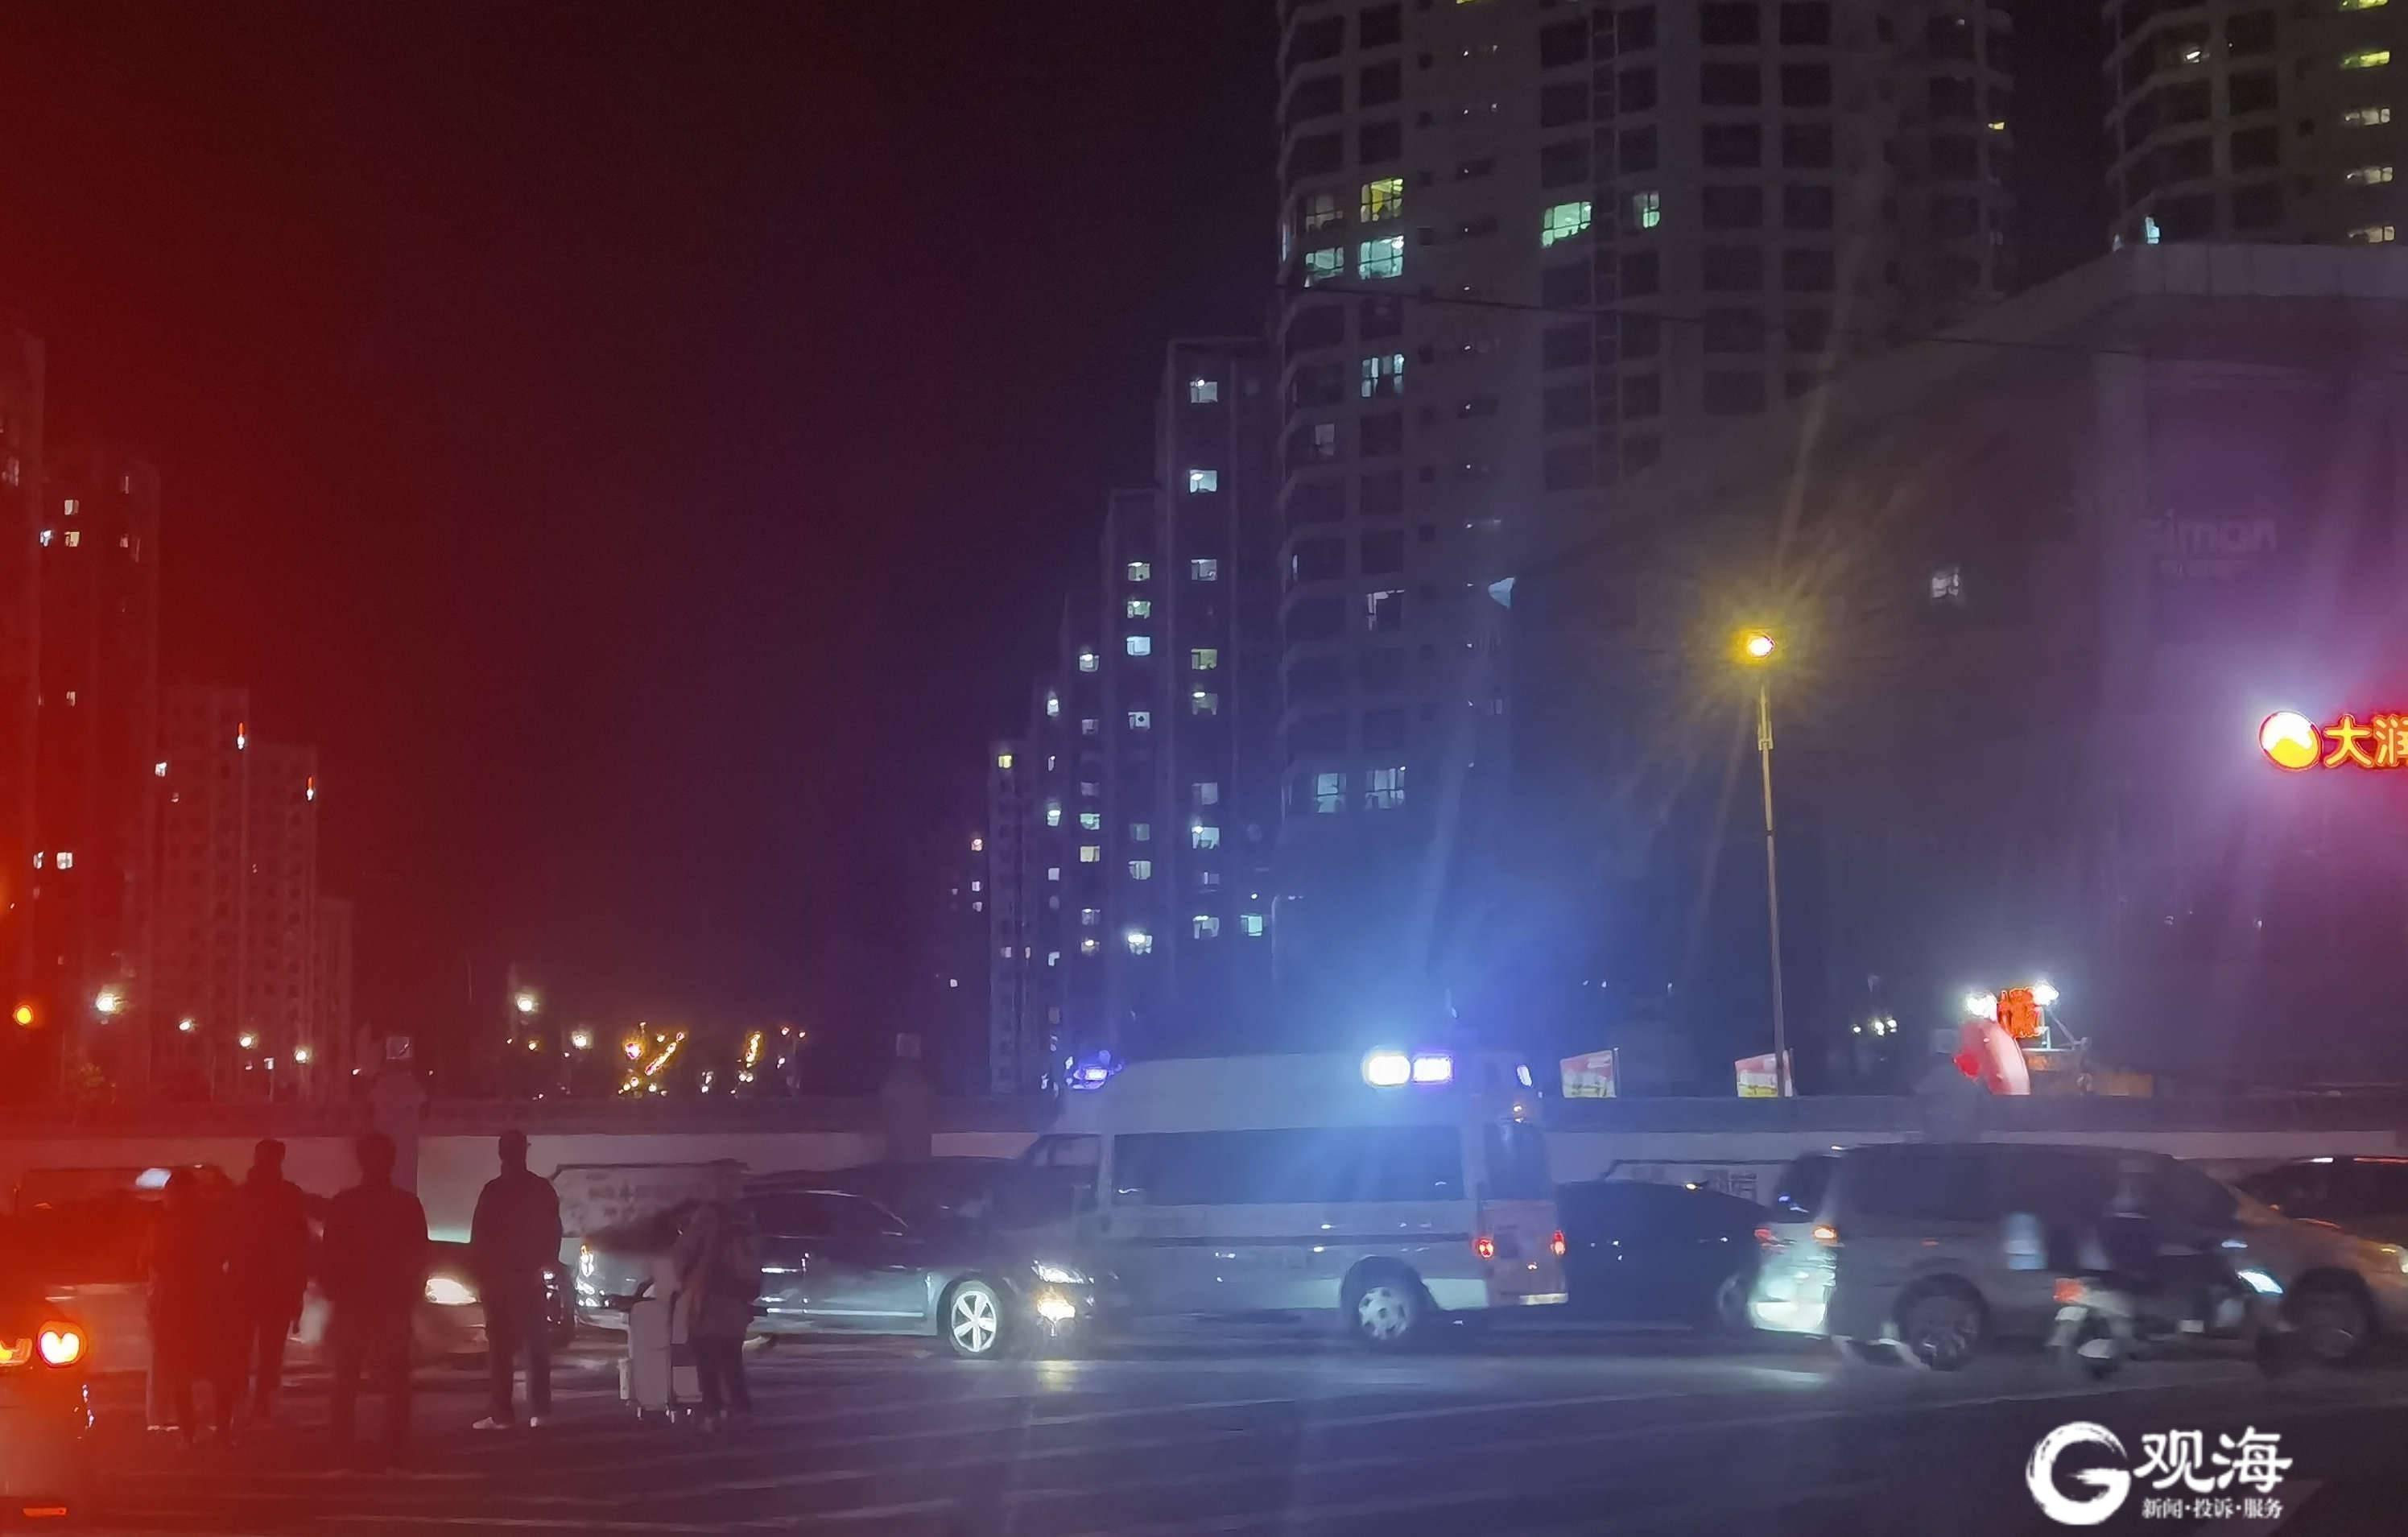 一个红绿灯等3分半钟,青岛这两个路口为何这么堵?